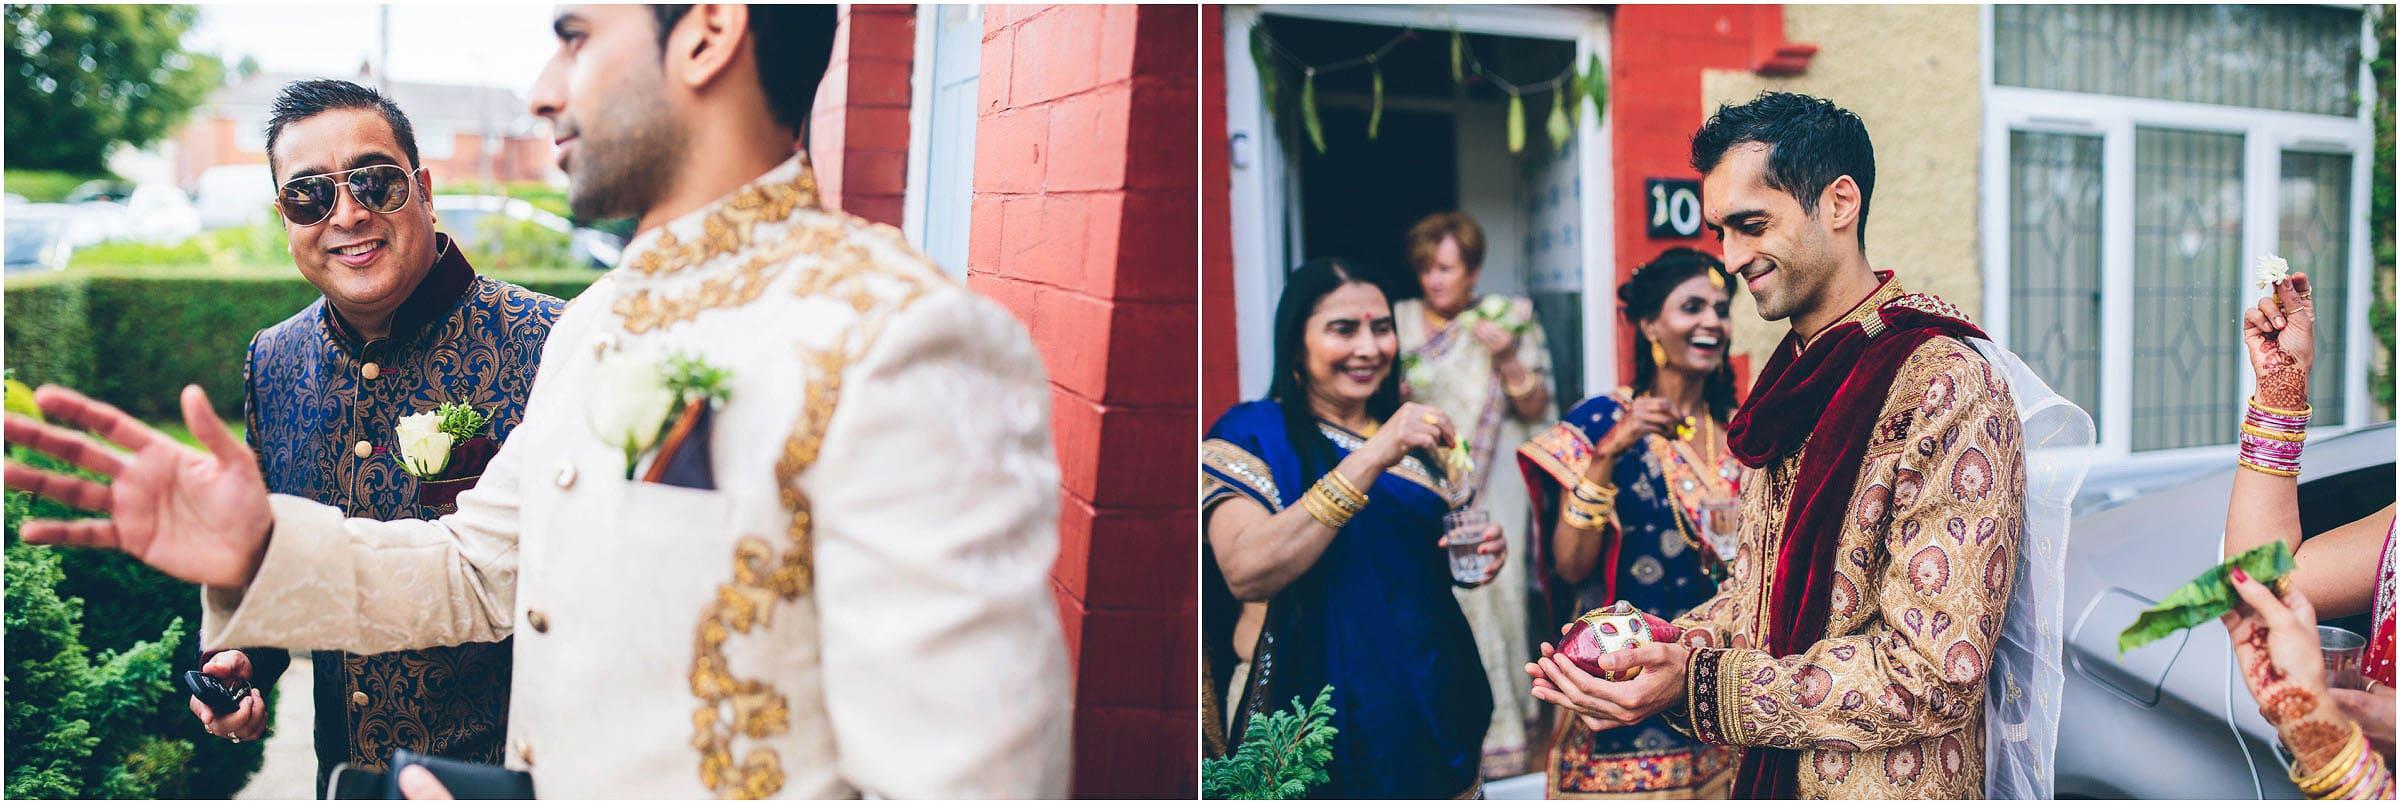 indian_wedding_photography_0044